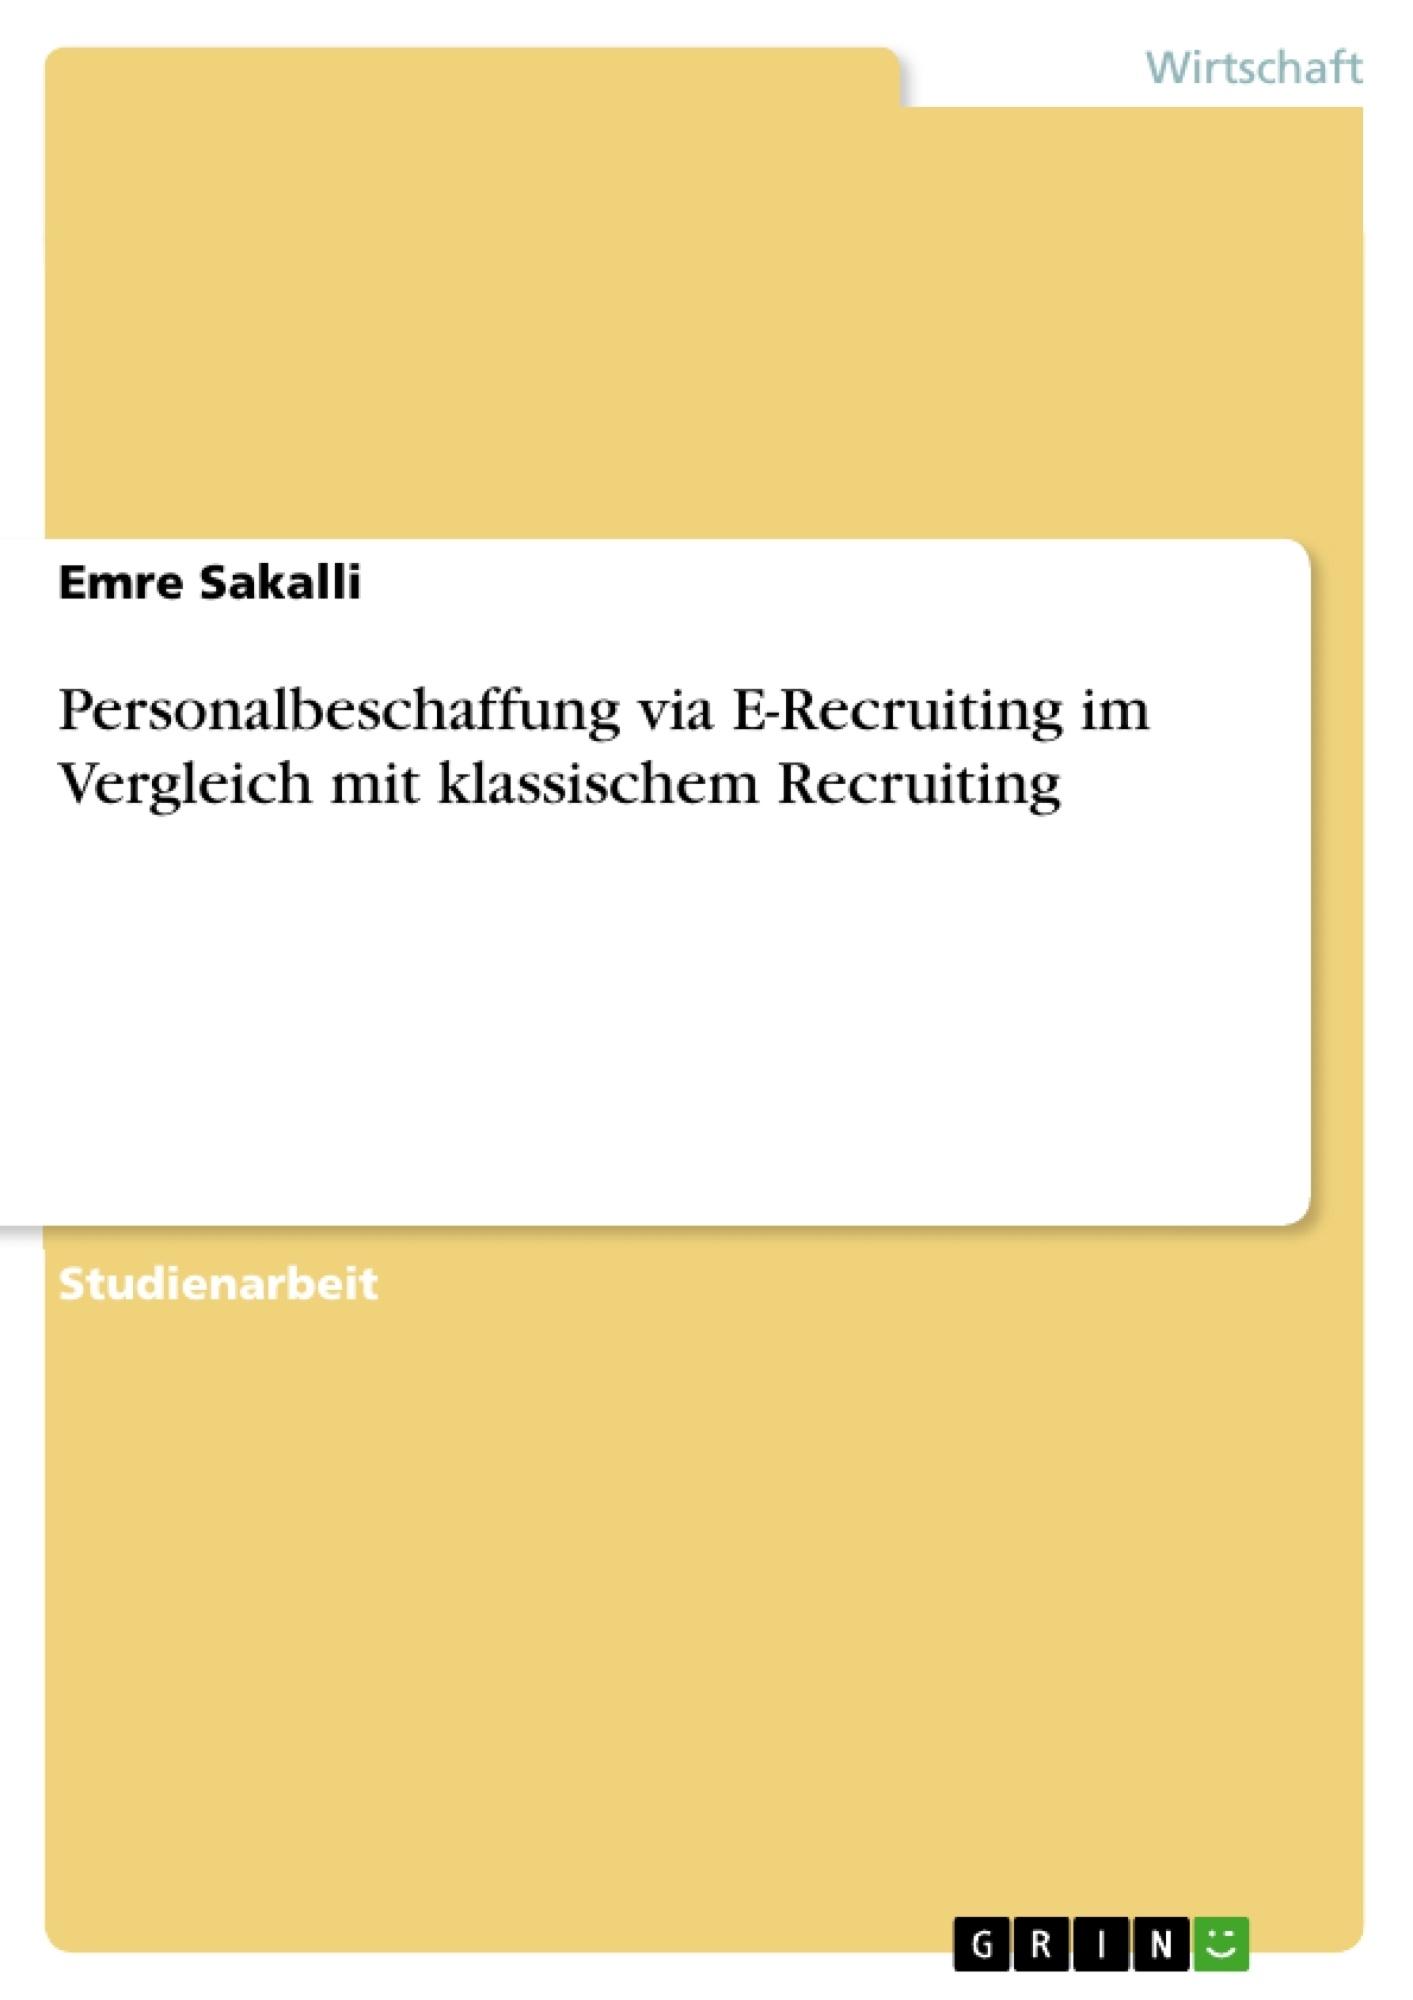 Titel: Personalbeschaffung via E-Recruiting im Vergleich mit klassischem Recruiting